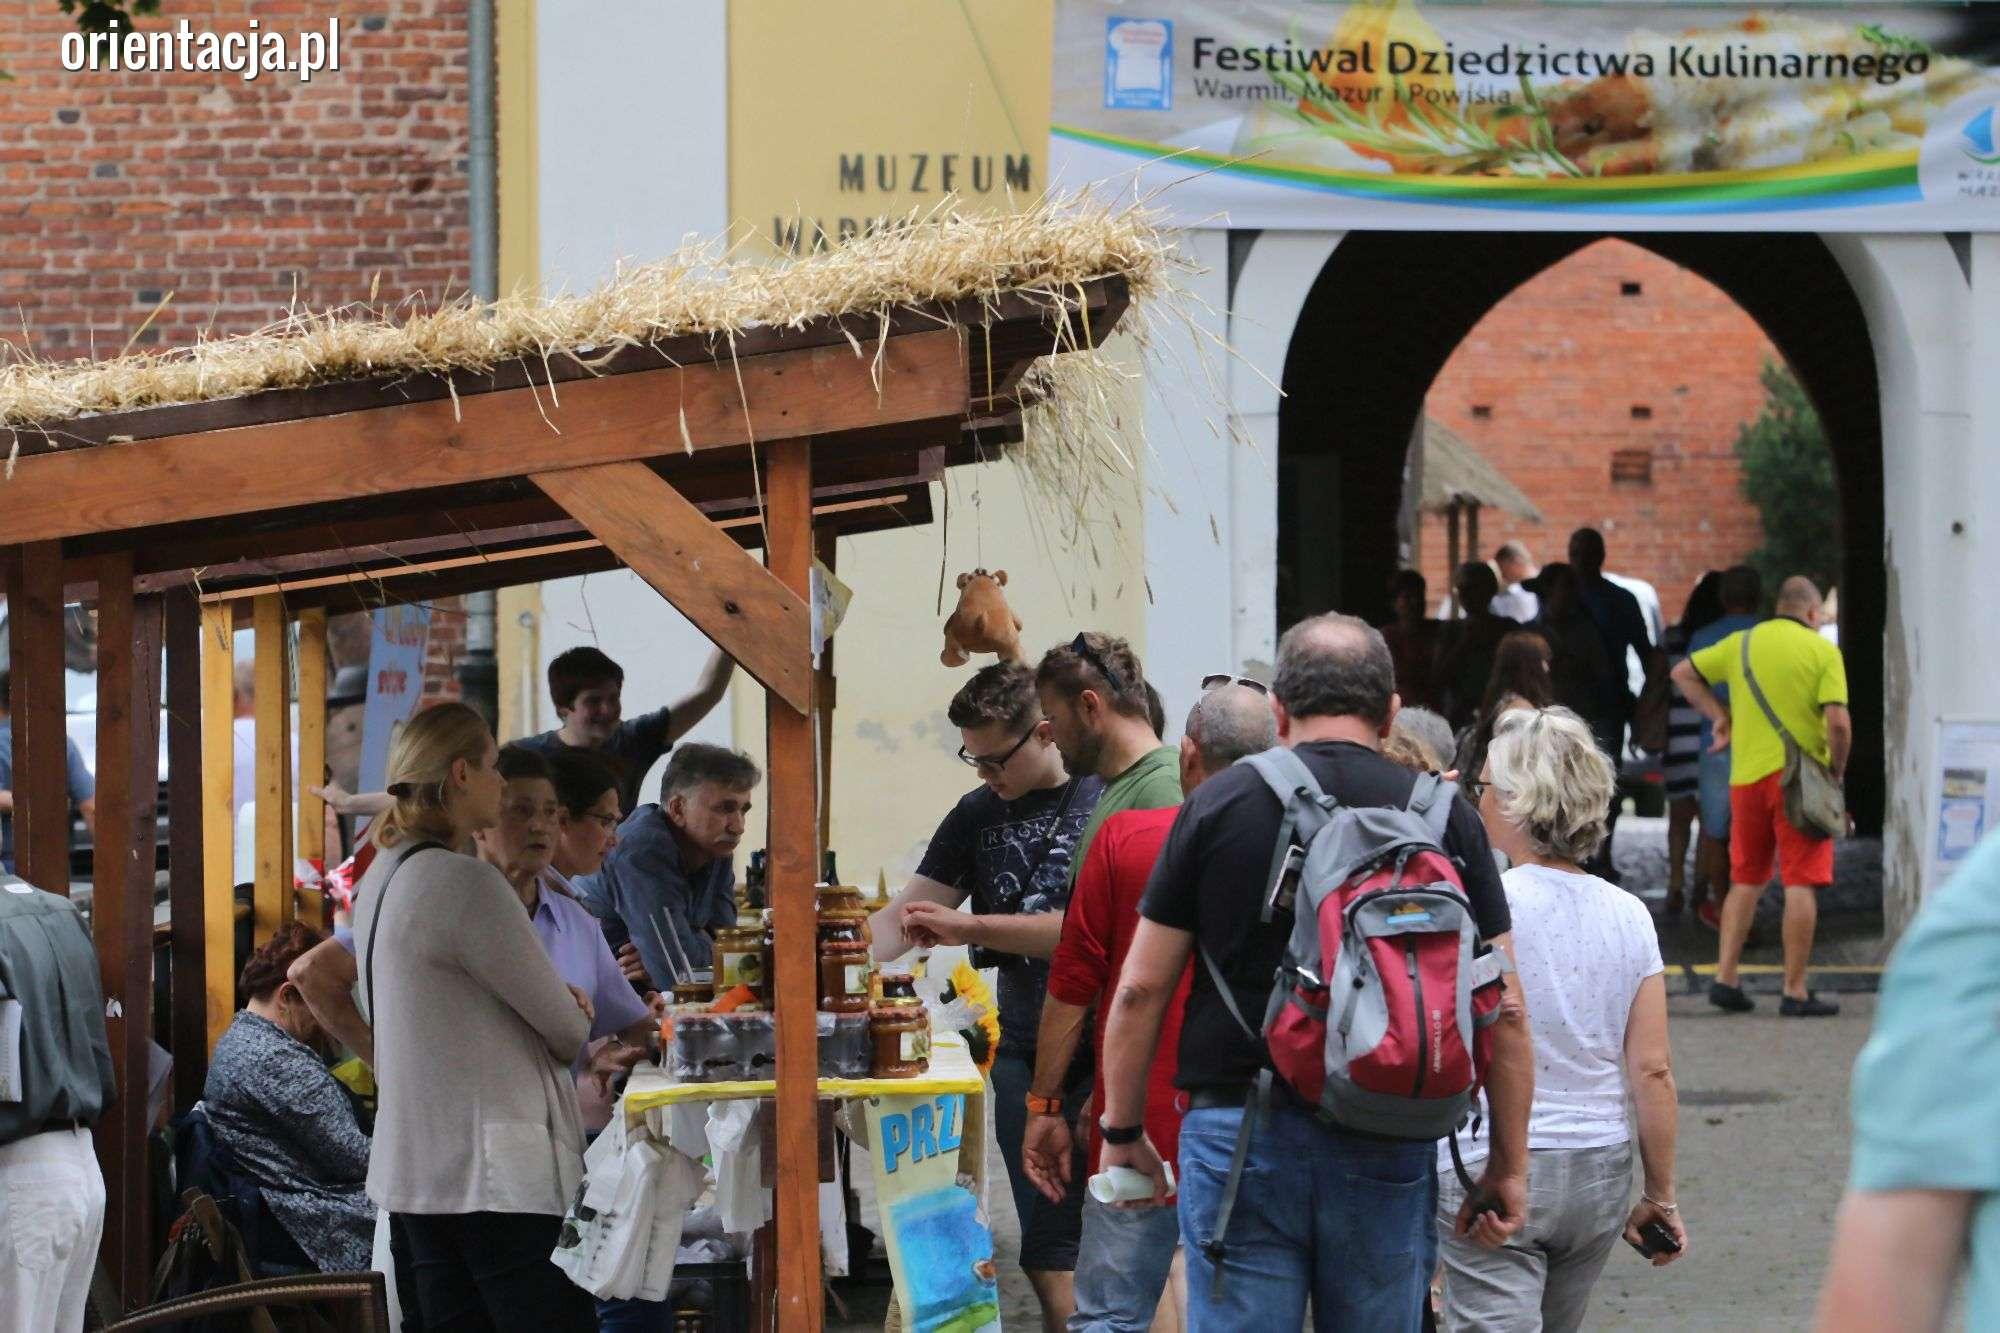 Festiwal Dziedzictwa Kulinarnego